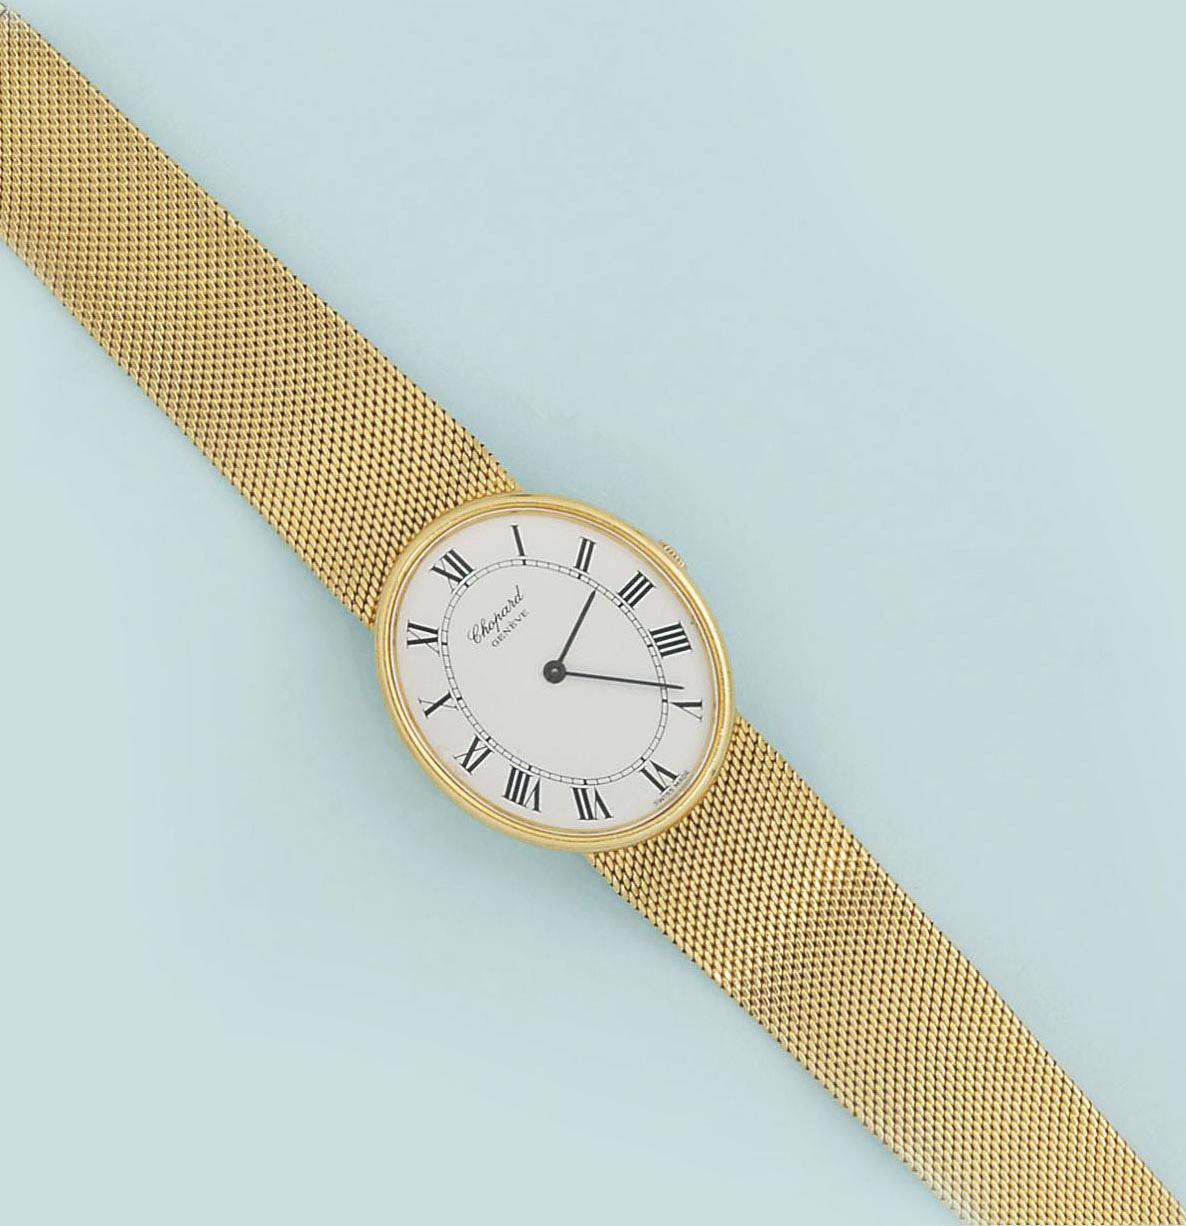 A wristwatch, by Chopard